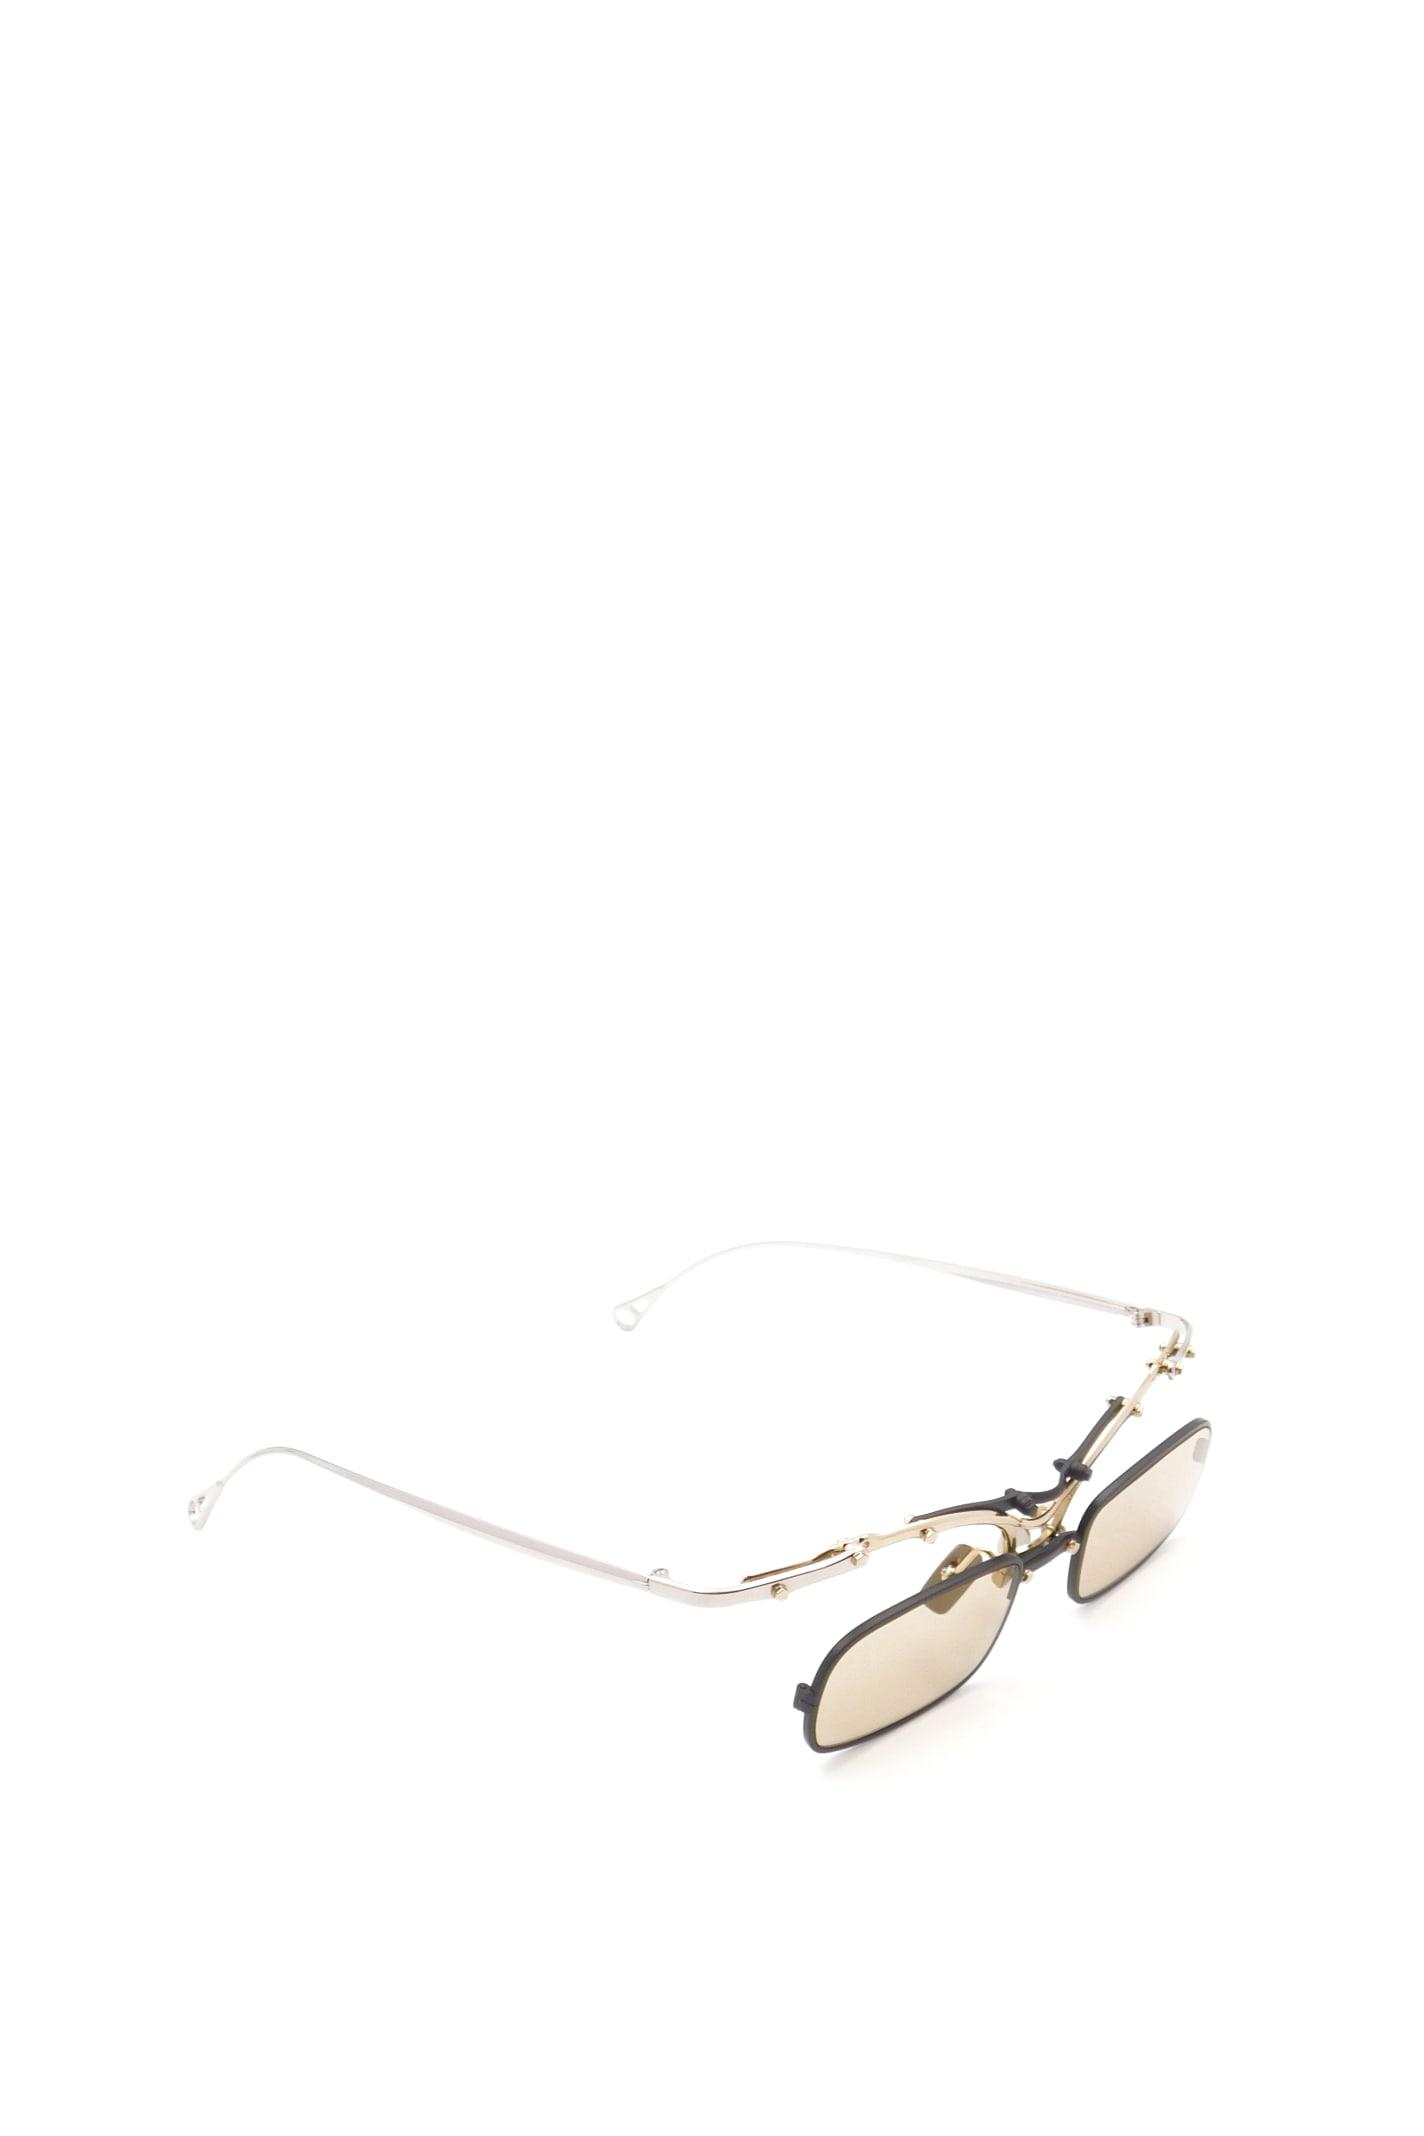 OJ2 Sunglasses